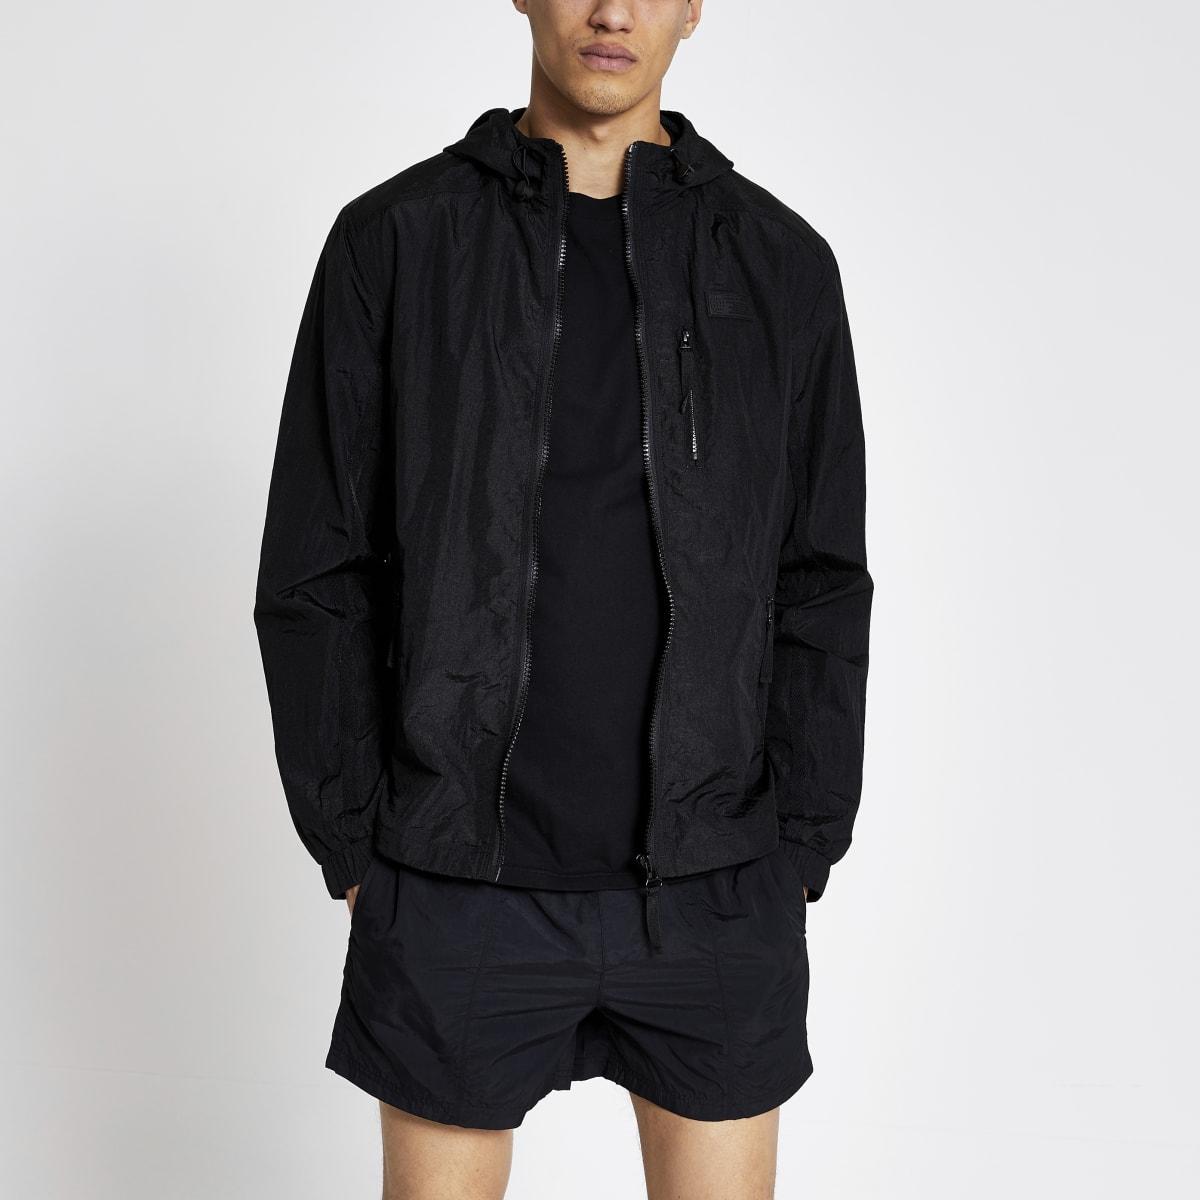 Pastel Tech - Zwart nylon jack met capuchon